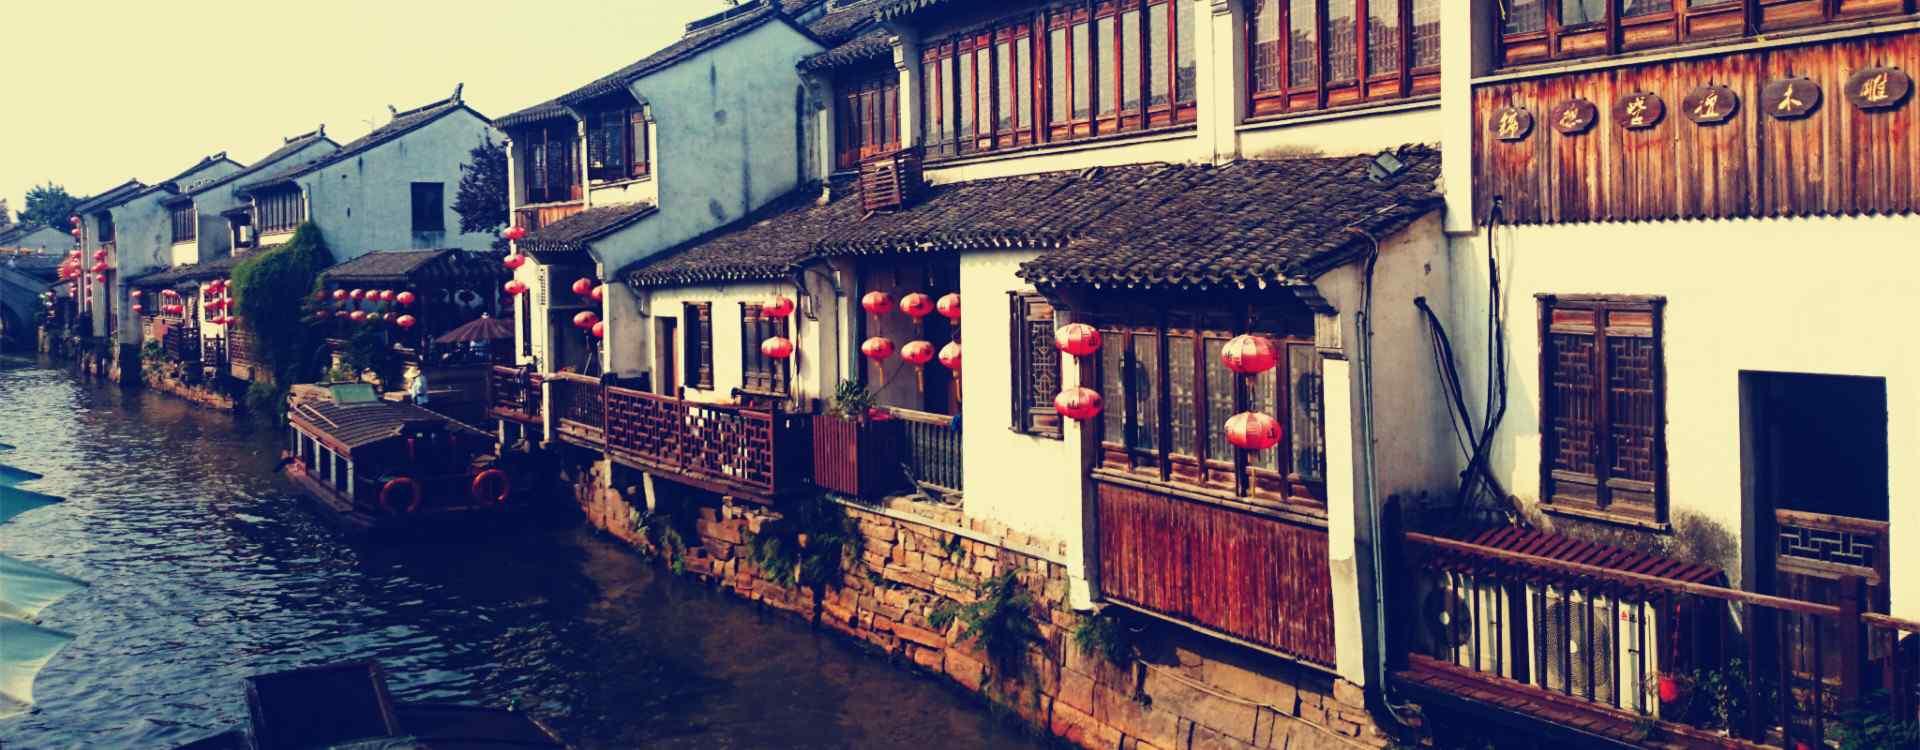 苏州_苏州园林_苏州周庄、同里、太湖、山塘街、拙政园_苏州风景壁纸